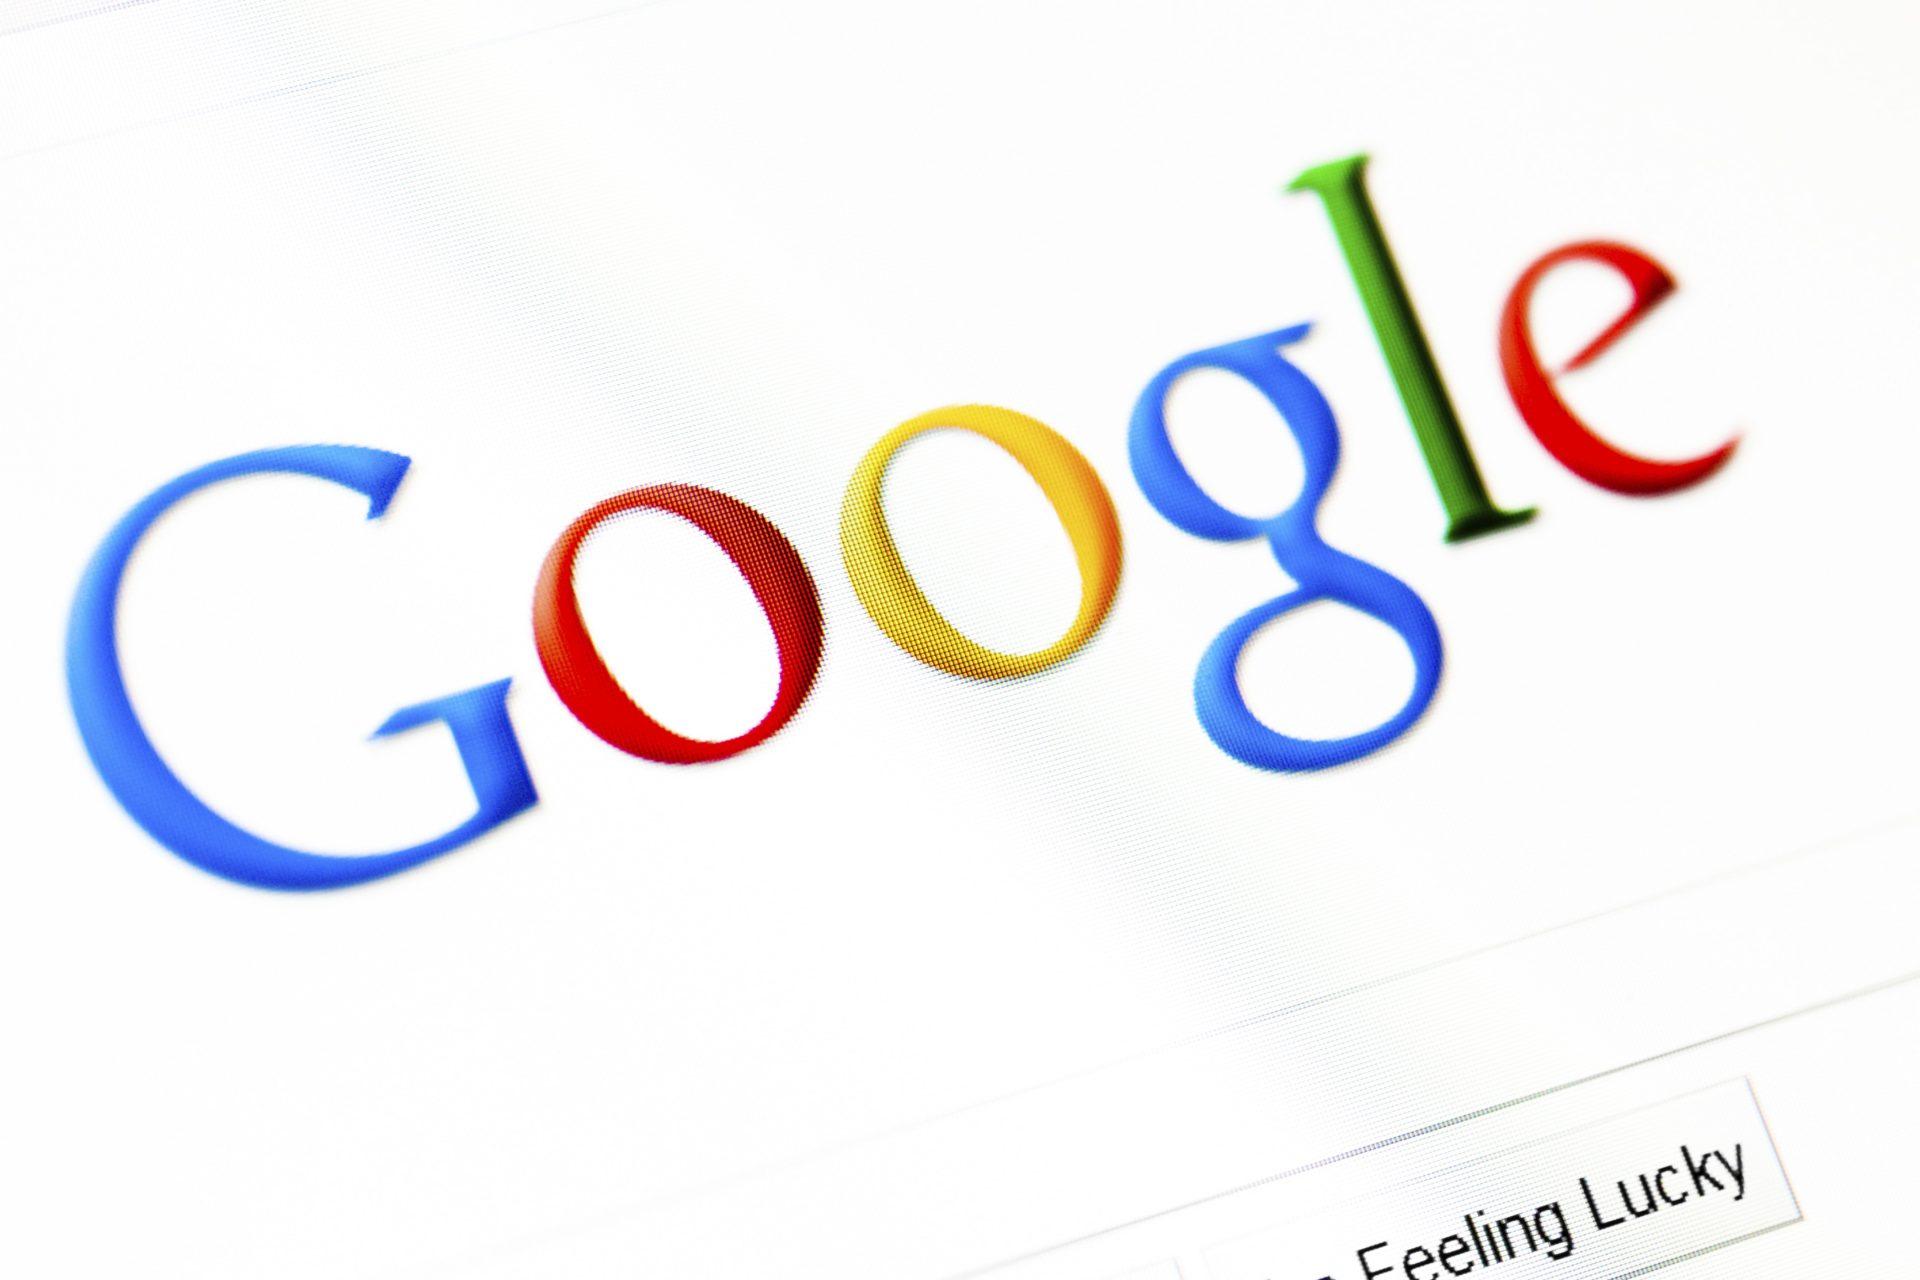 Concurența neloială e scumpă: Google, amendă de 5 miliarde de dolari